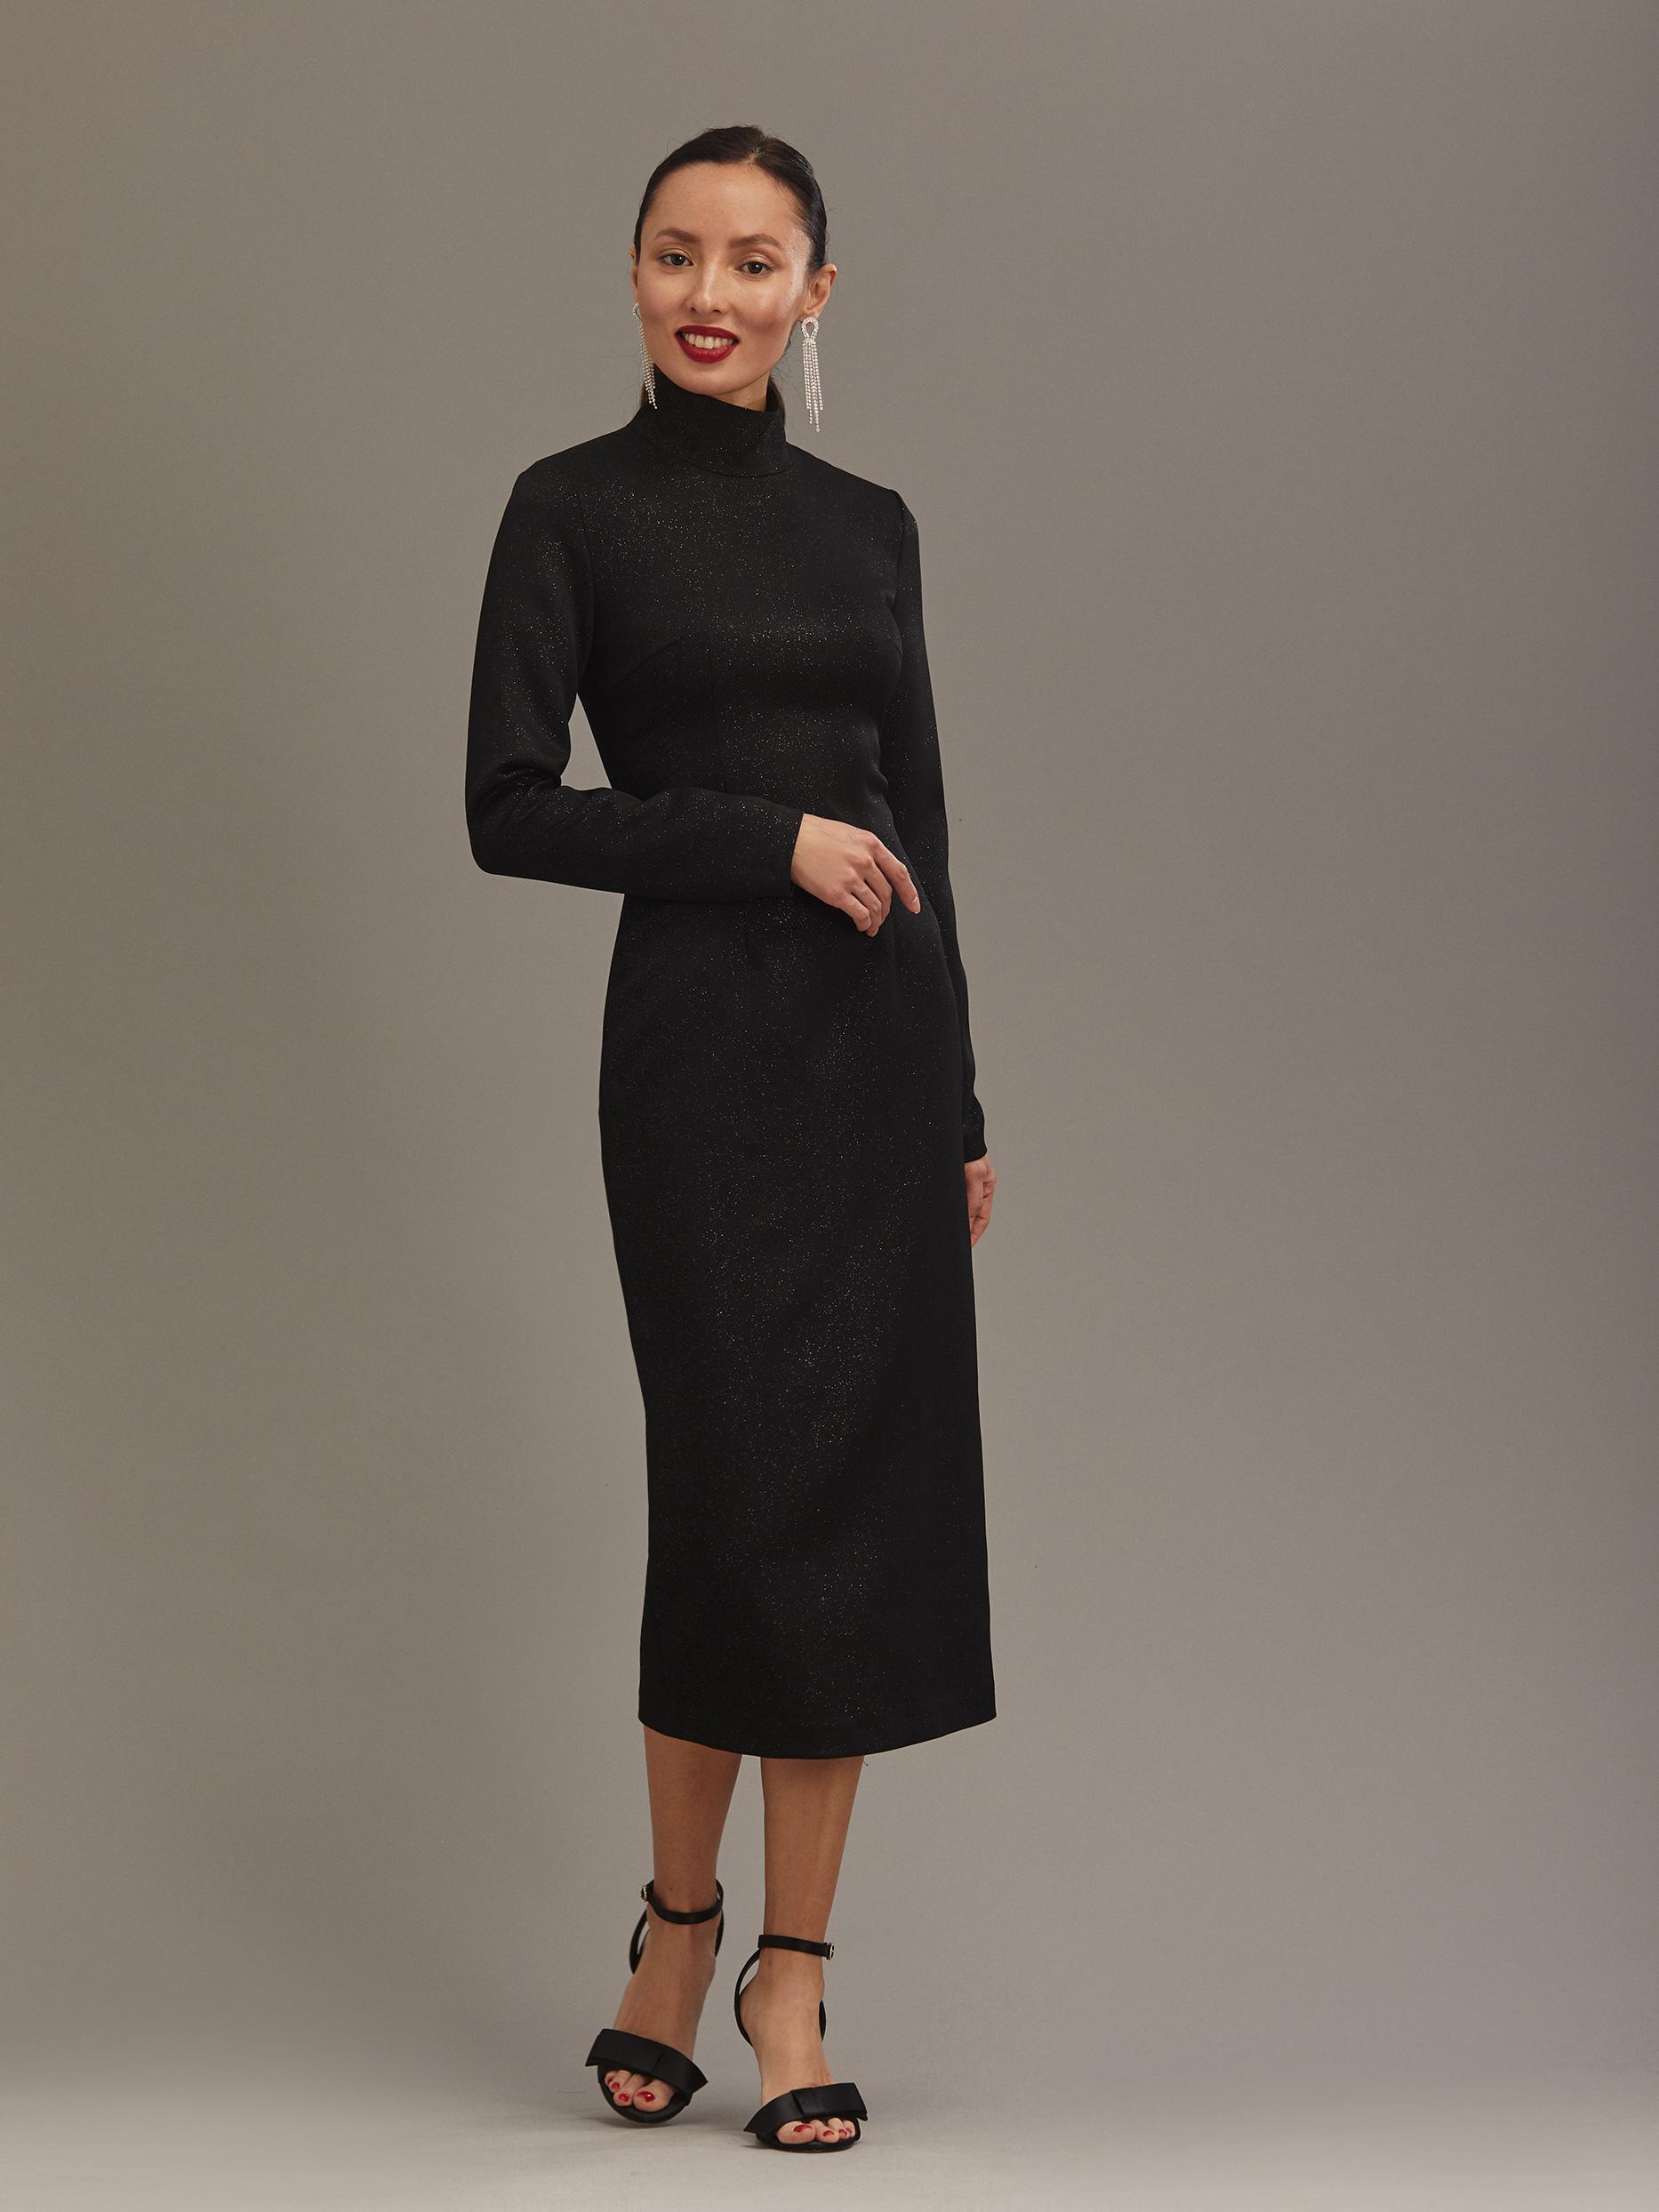 Трикотажное платье с мерцающим эффектом фото